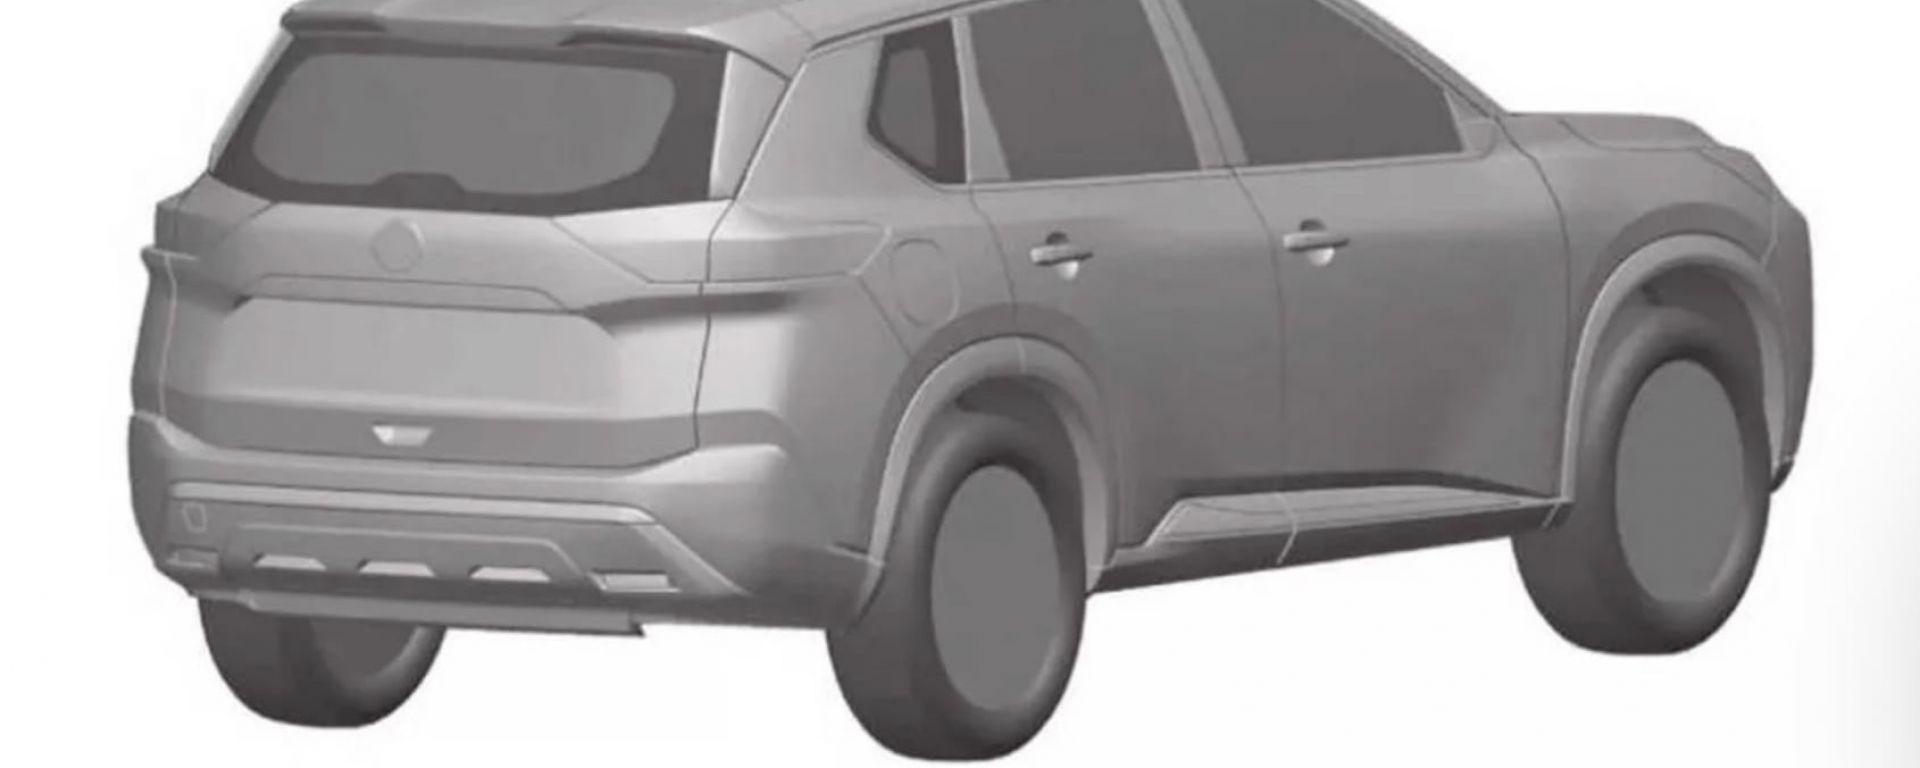 Nuova Nissan X-Trail 2022: i disegni depositati come brevetto